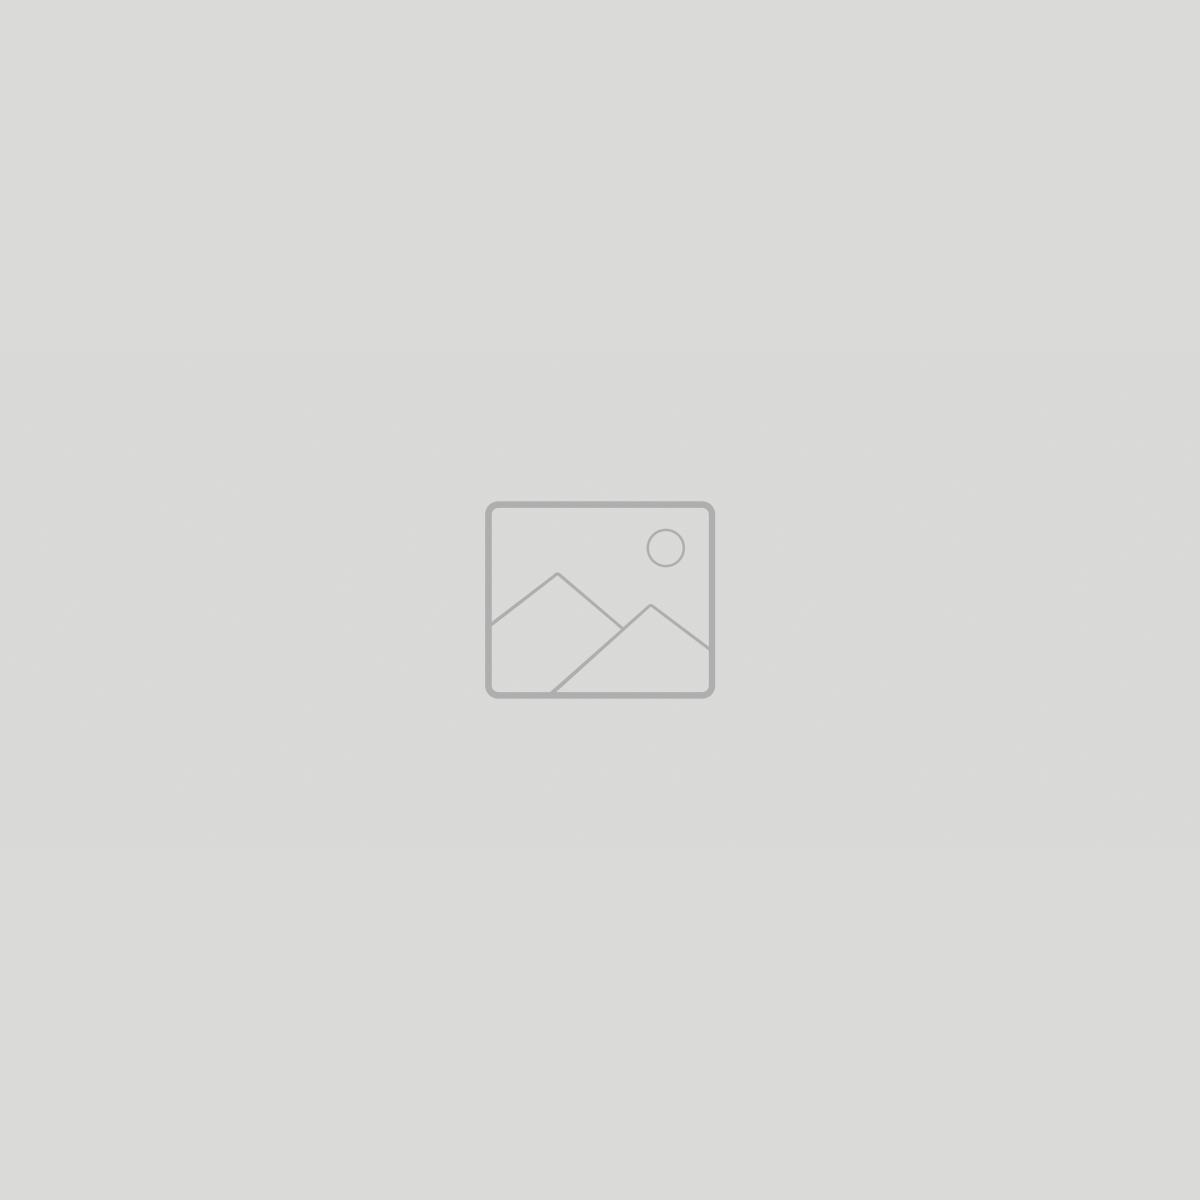 سبيكر Kisonl LED-904 سوبر باس مع ضوء